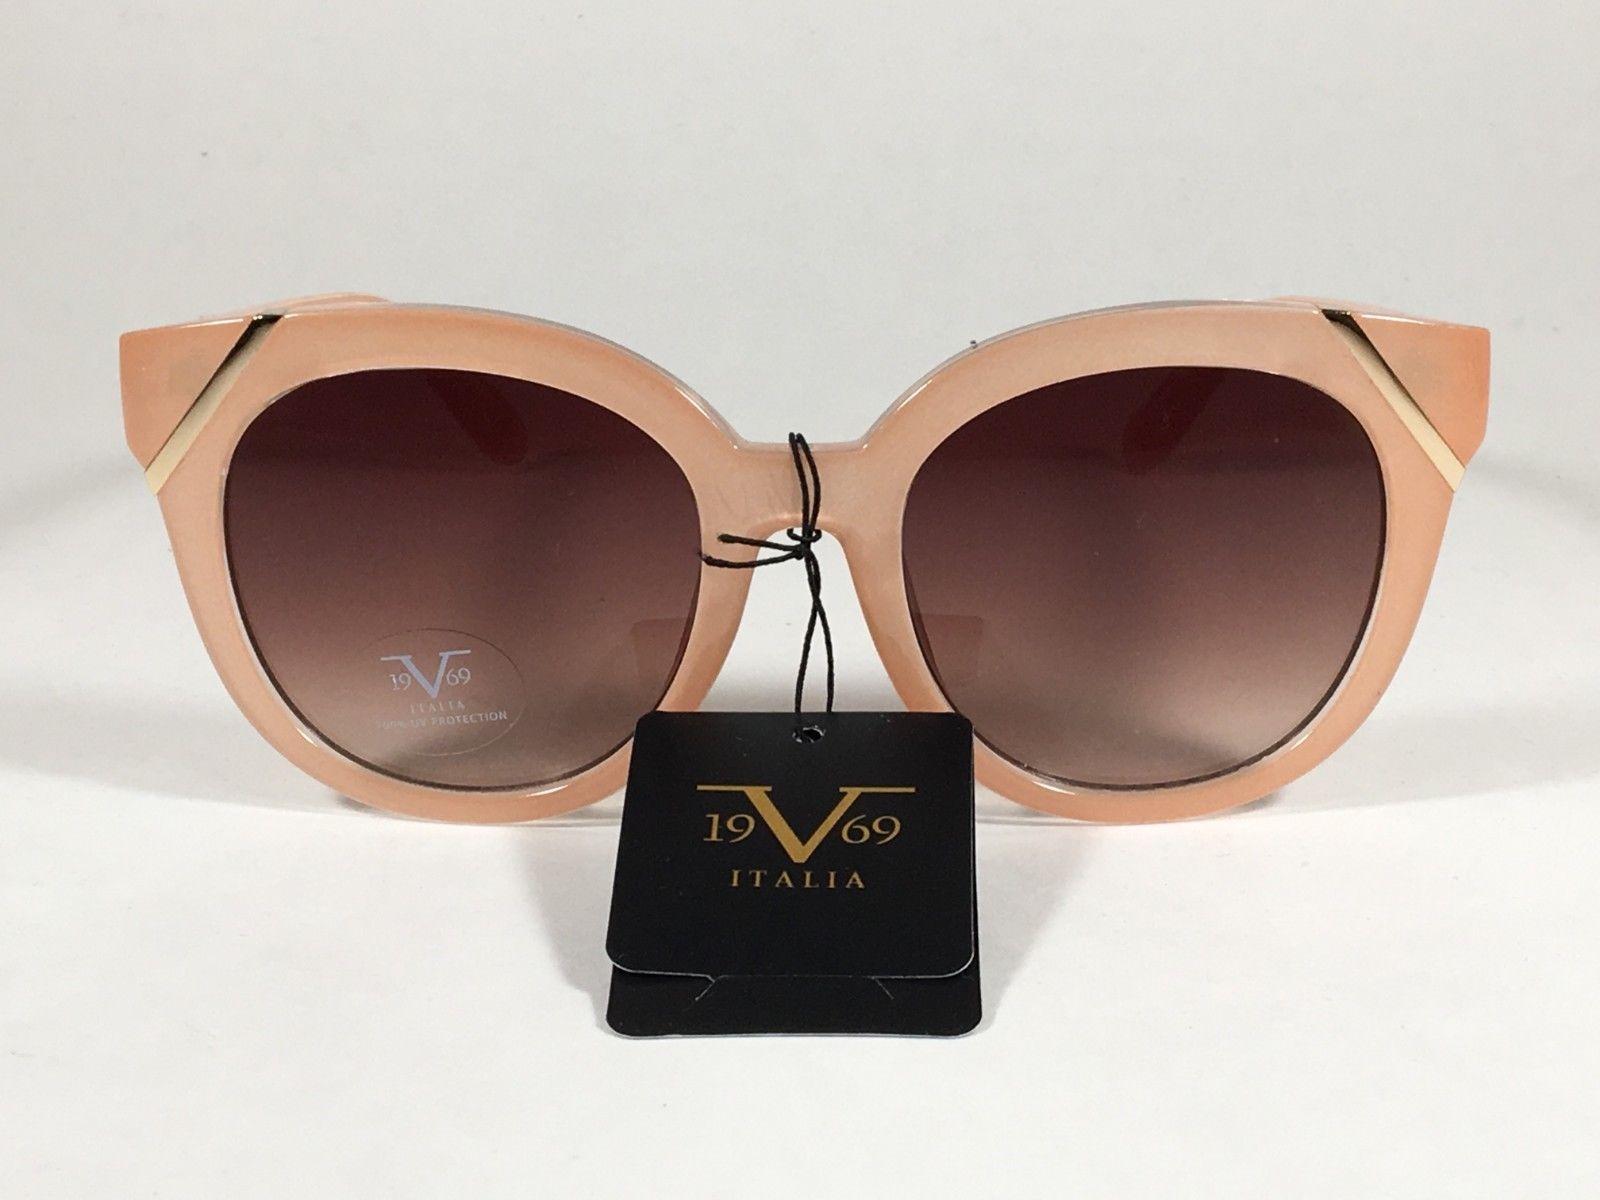 ac7ceeab592e Image 1 of 4. VERSACE 1969 Abbigliamento New V1969 ITALIA Sunglasses